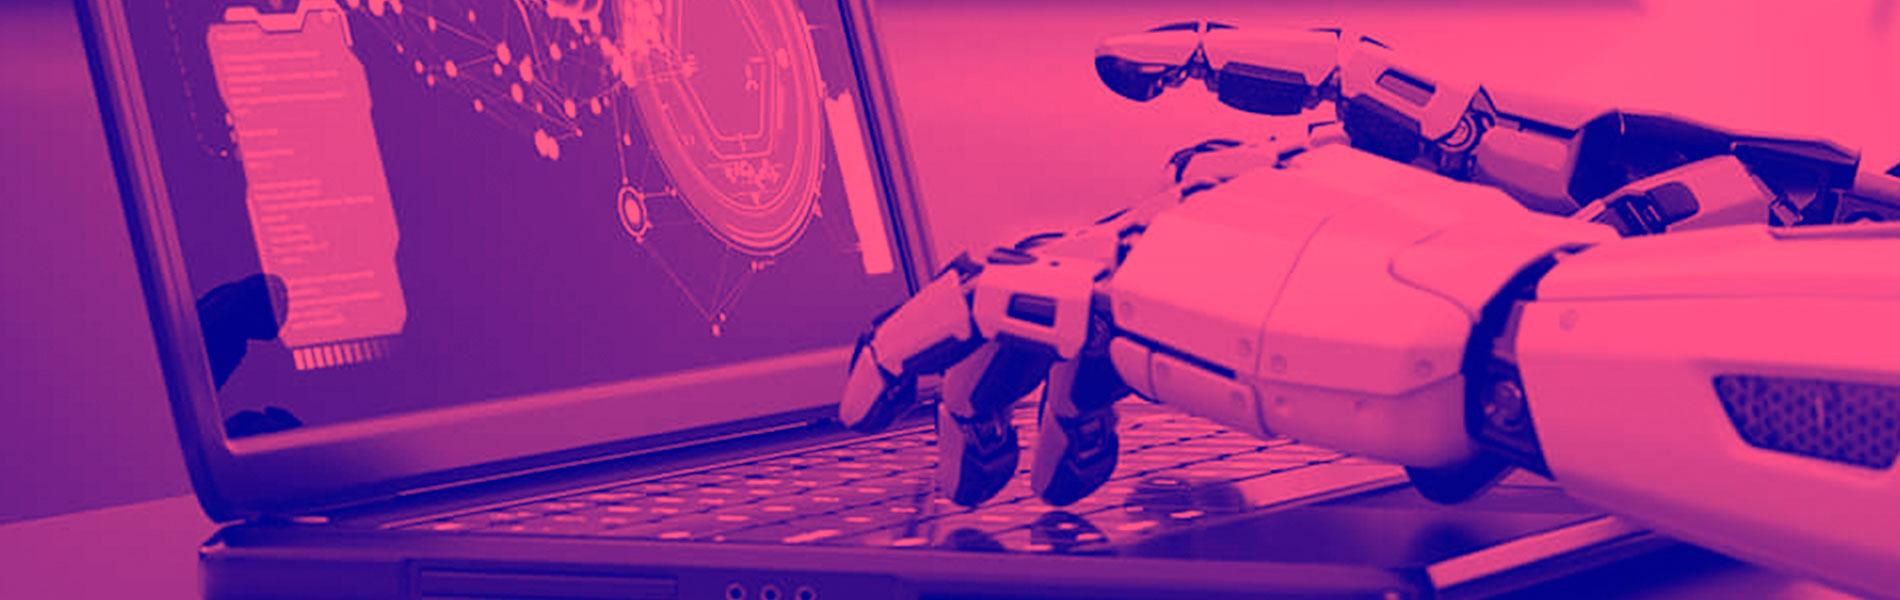 La inteligencia artificial en la industria